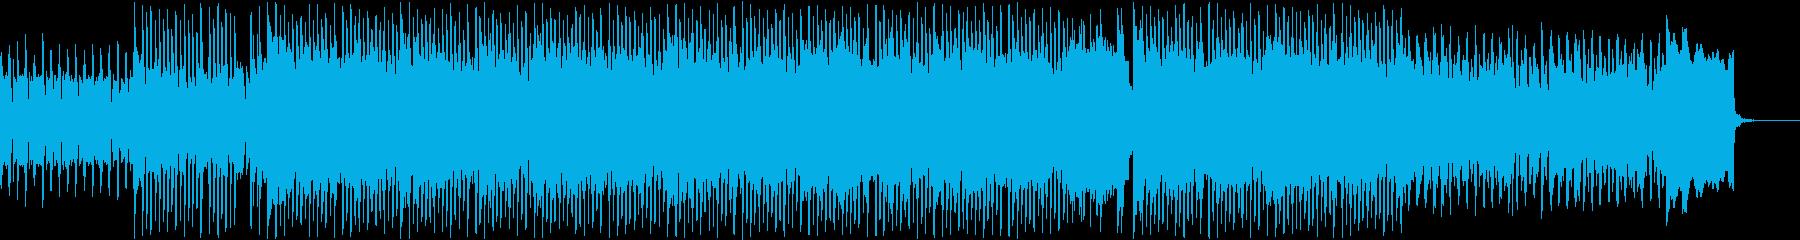 イントロ・OP・ED・次回予告・ロックの再生済みの波形